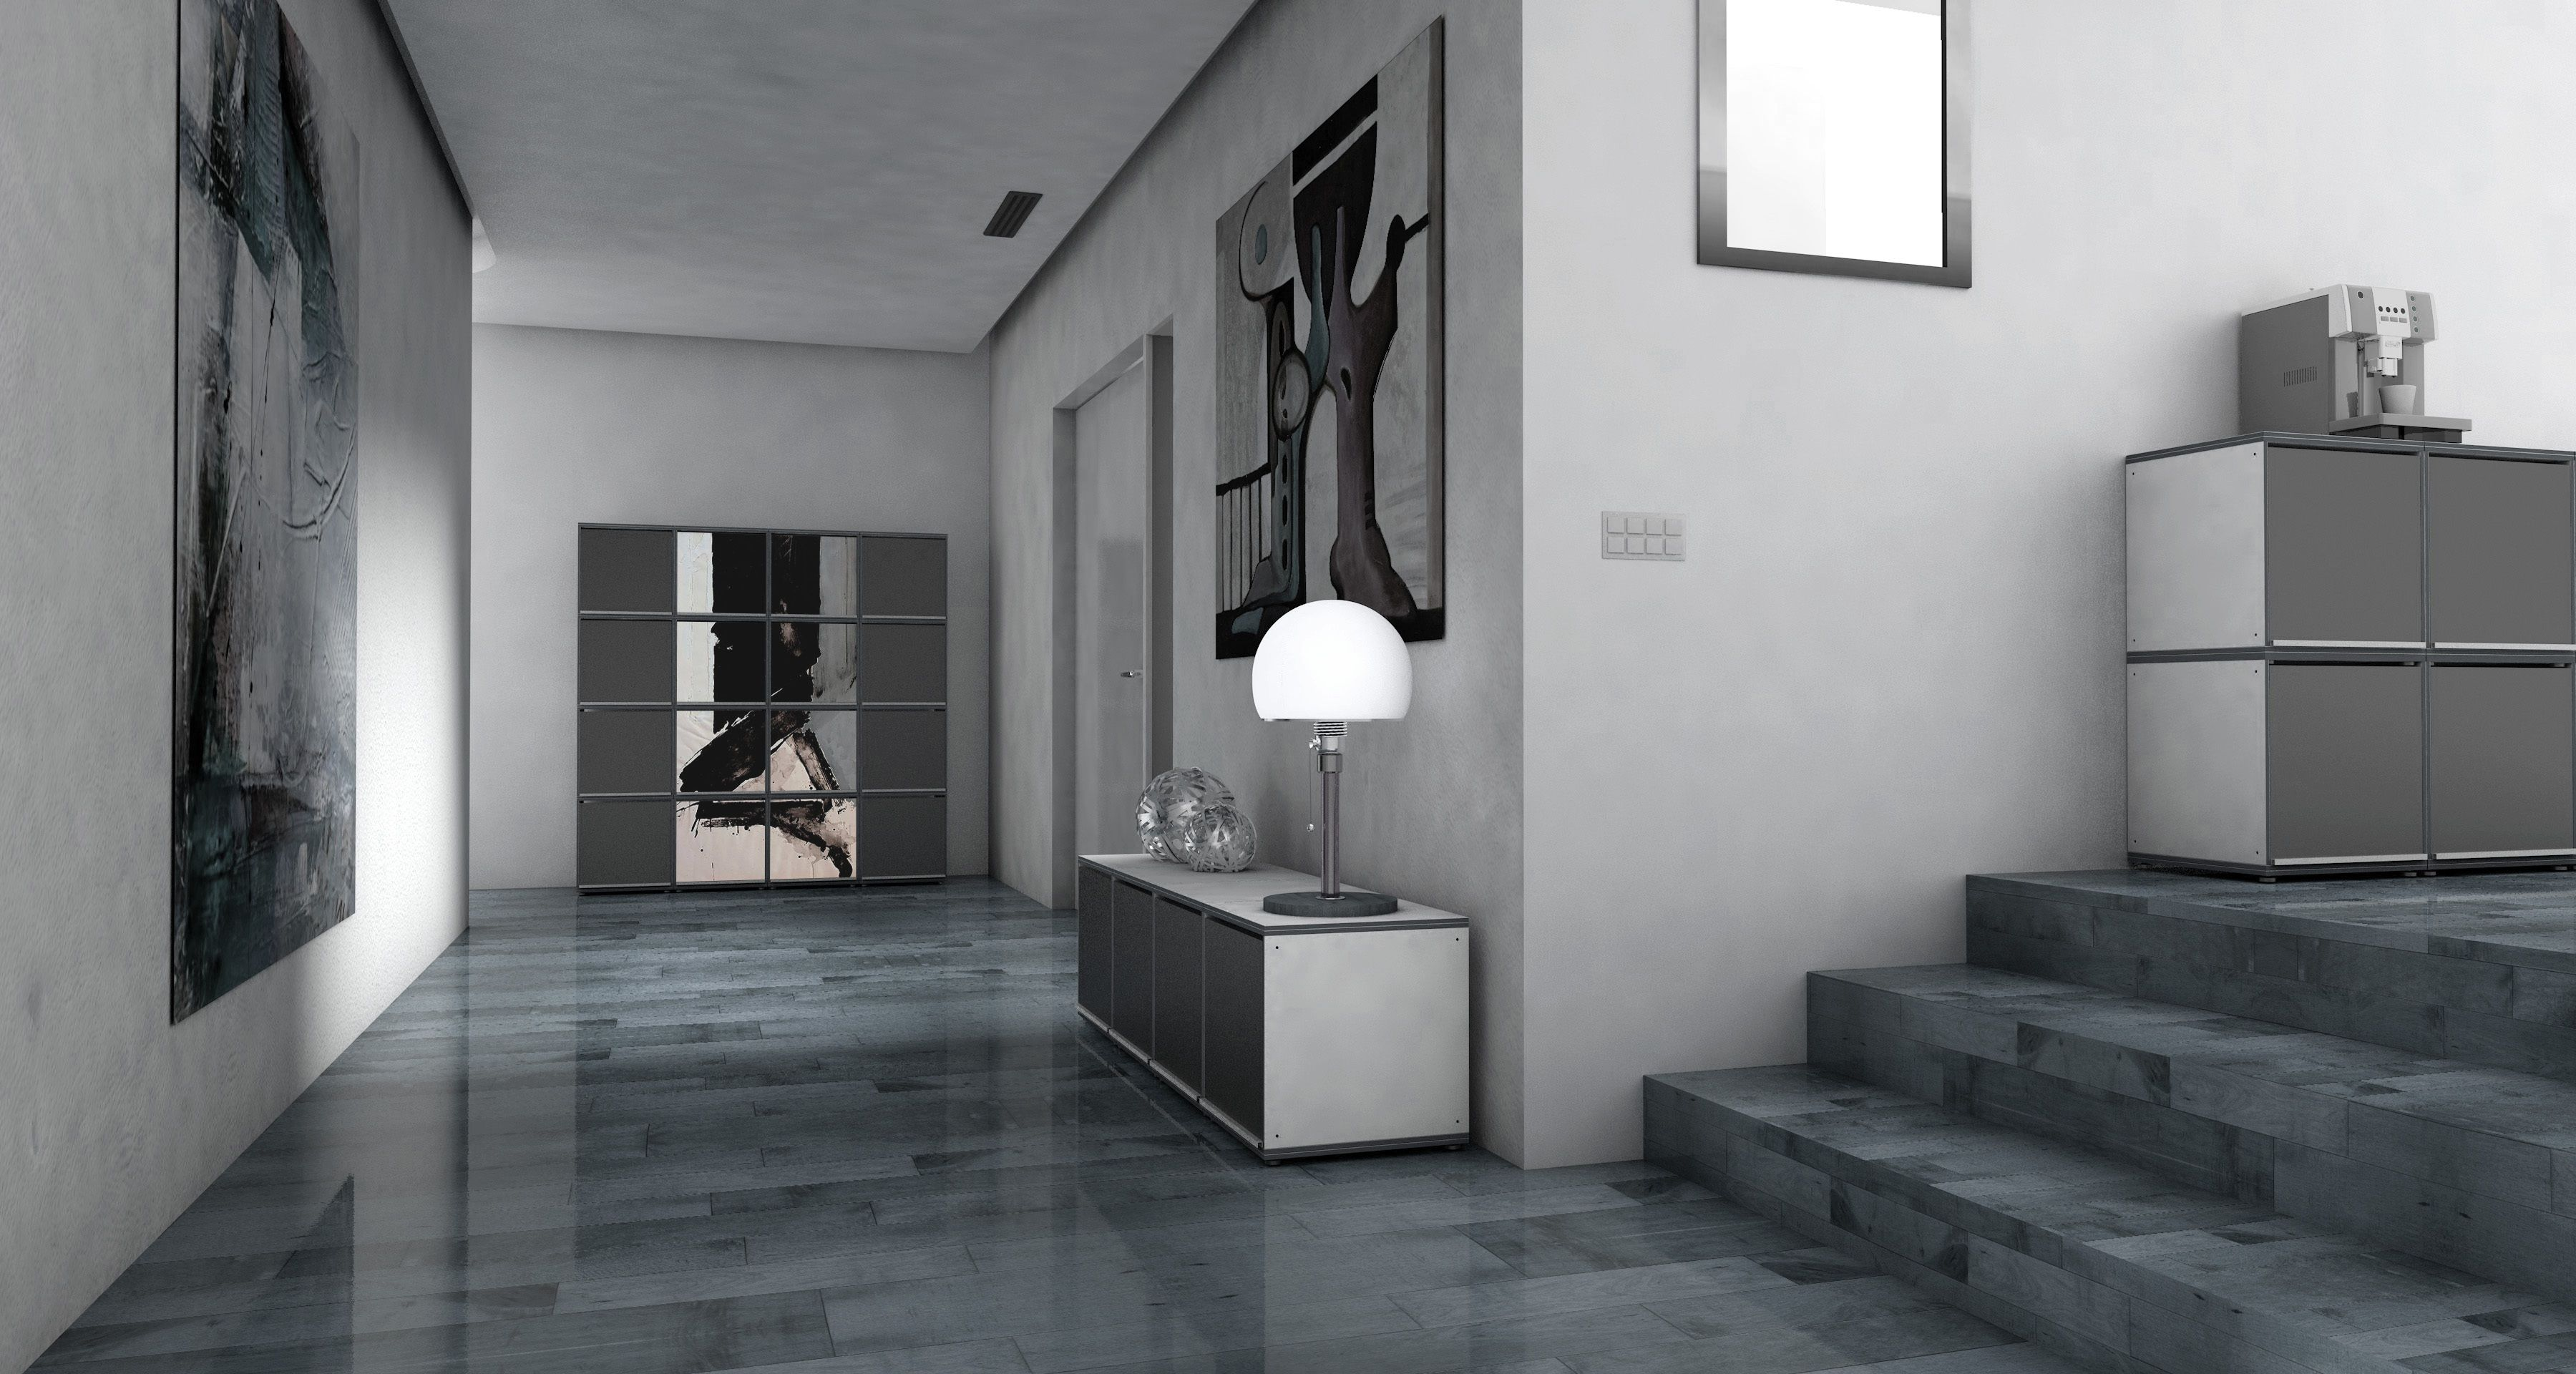 #evdekorasyonu #homedecor #modern #gray